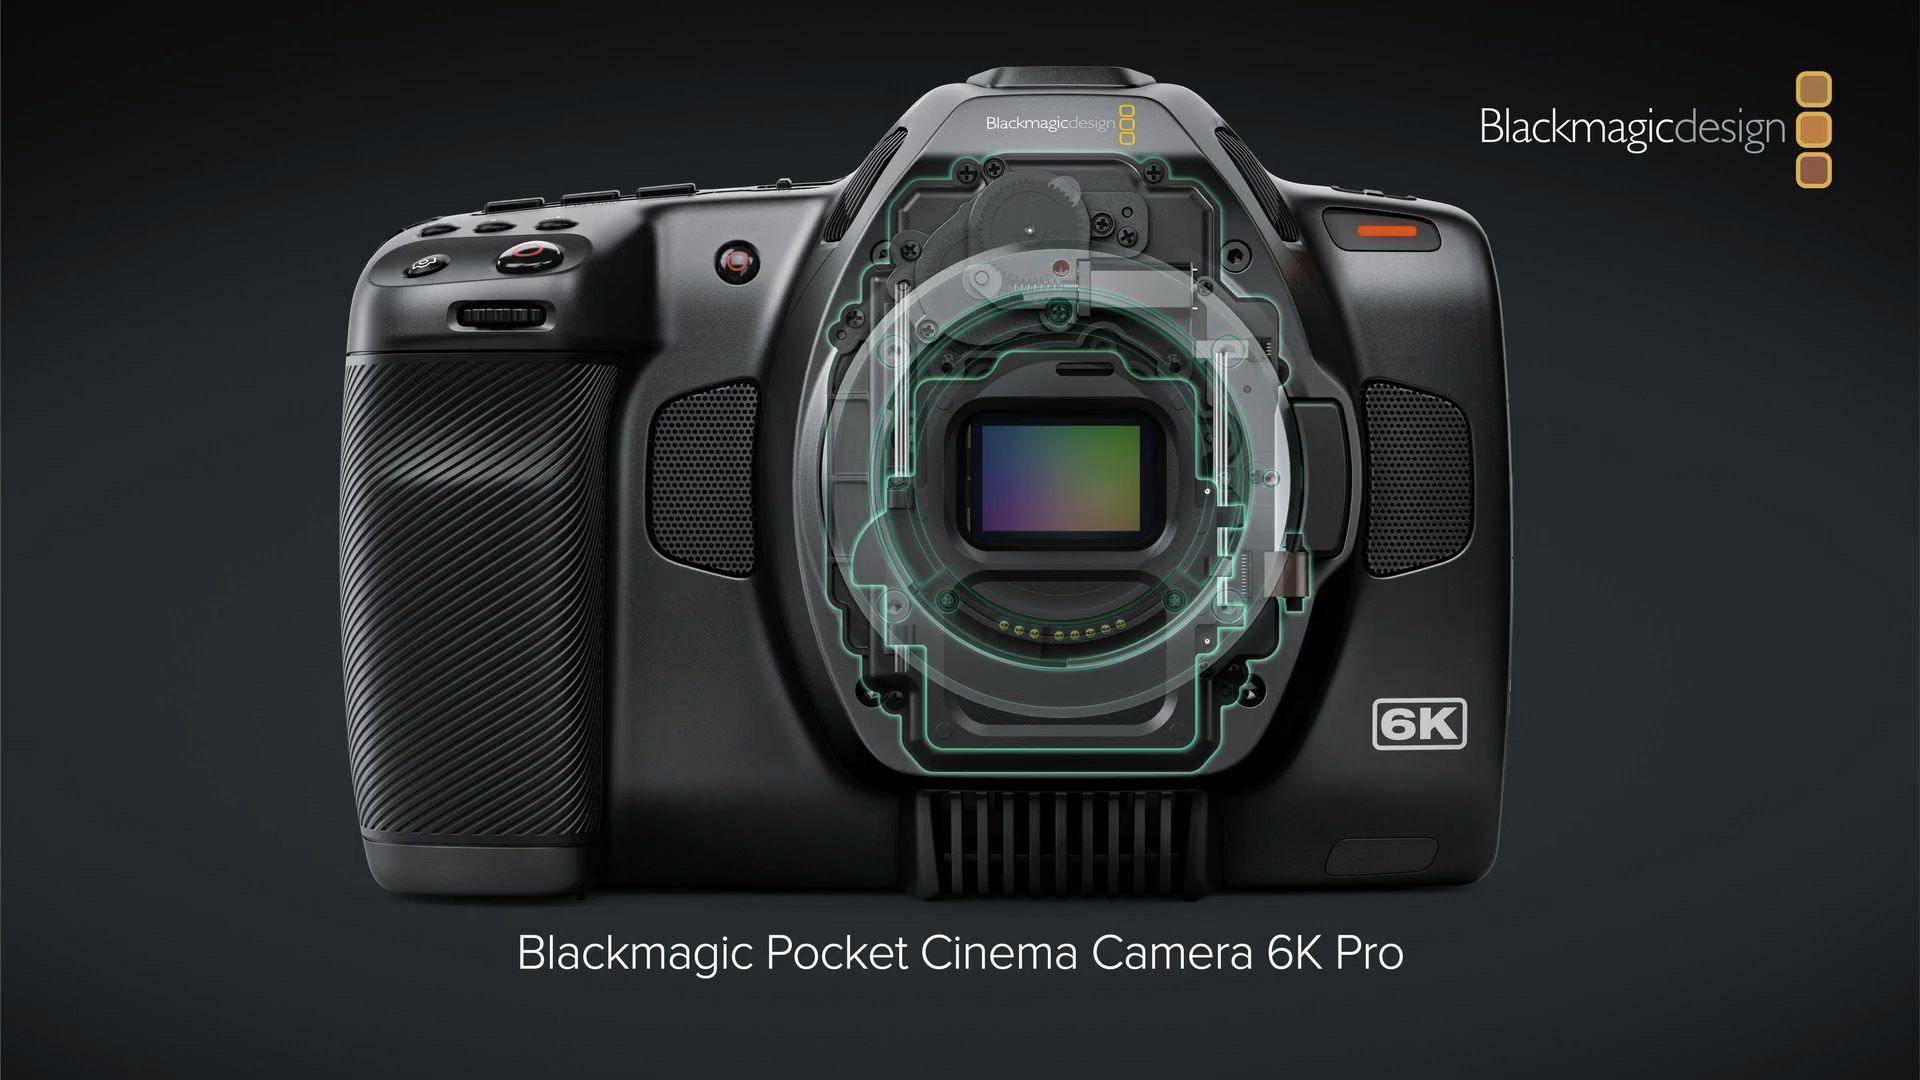 Механизм сменных ND-фильтров в камере Blackmagic Pocket Cinema Camera 6K Pro